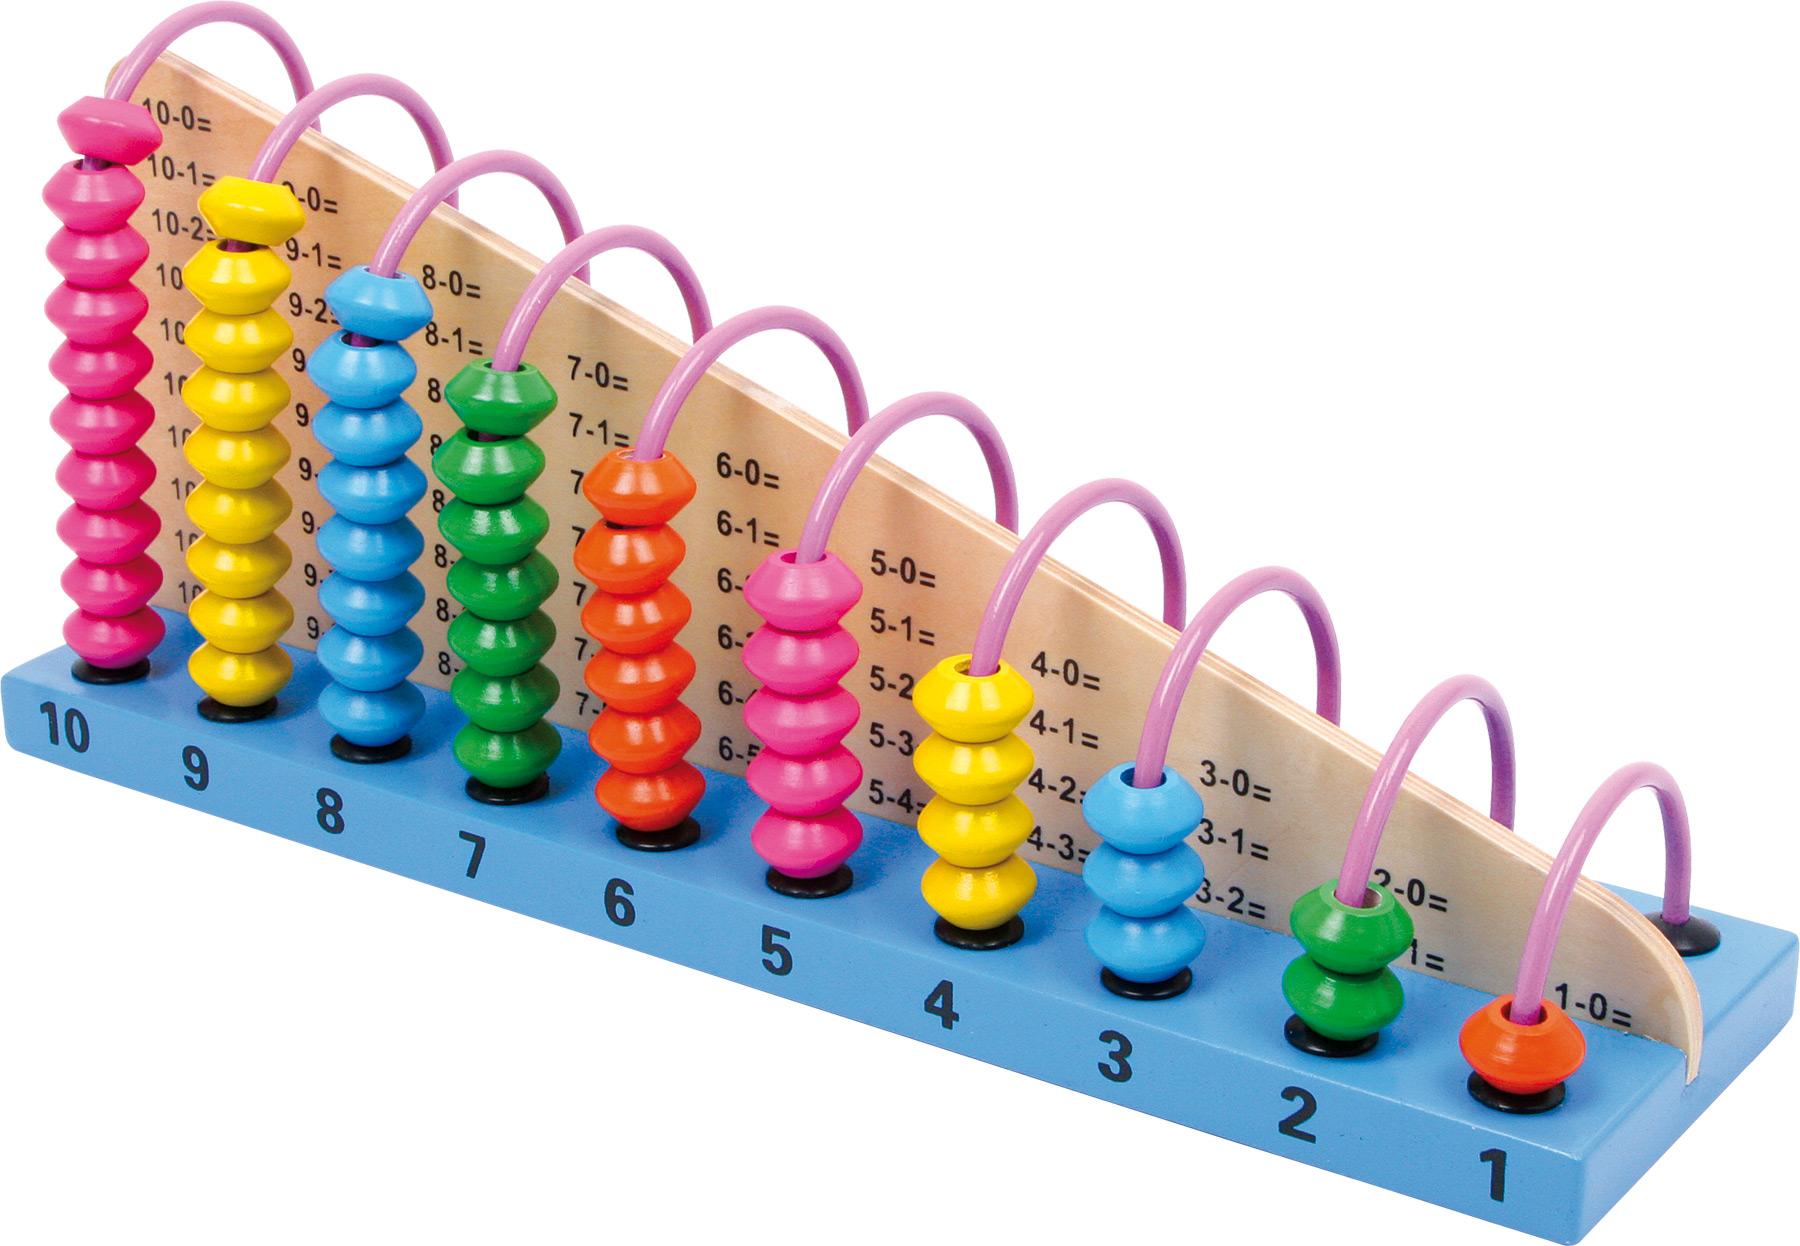 Small Foot Bambini Giocattolo Educativo In Legno Abacus Giocattolo in legno gioco scuola matematica contare